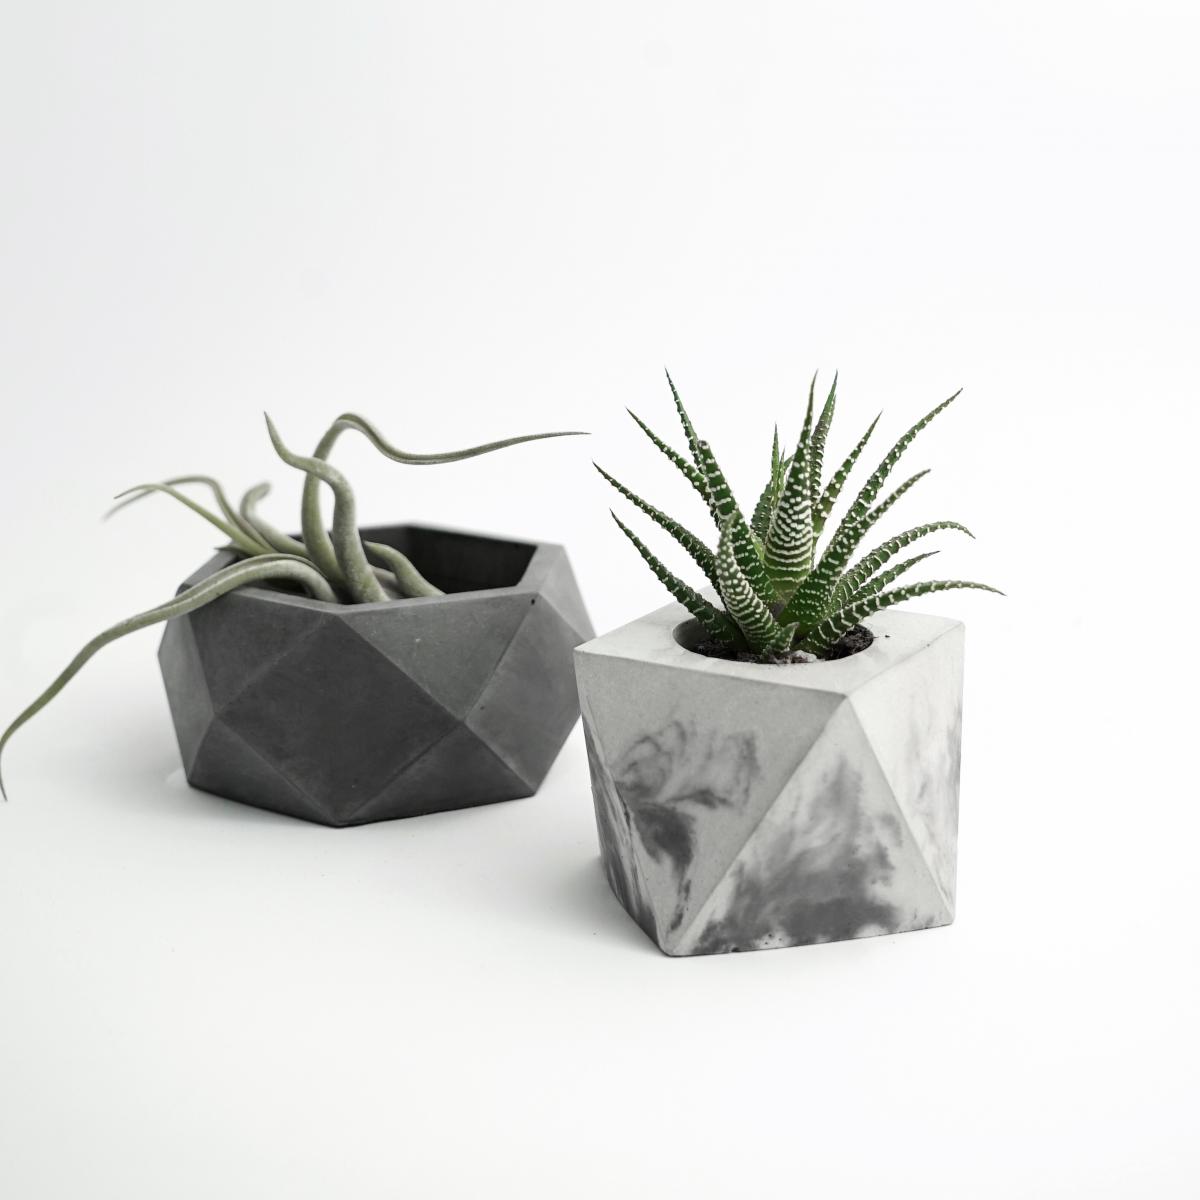 Vasi moderni da interno 28 images vasi moderni da for Vasi da interno moderni